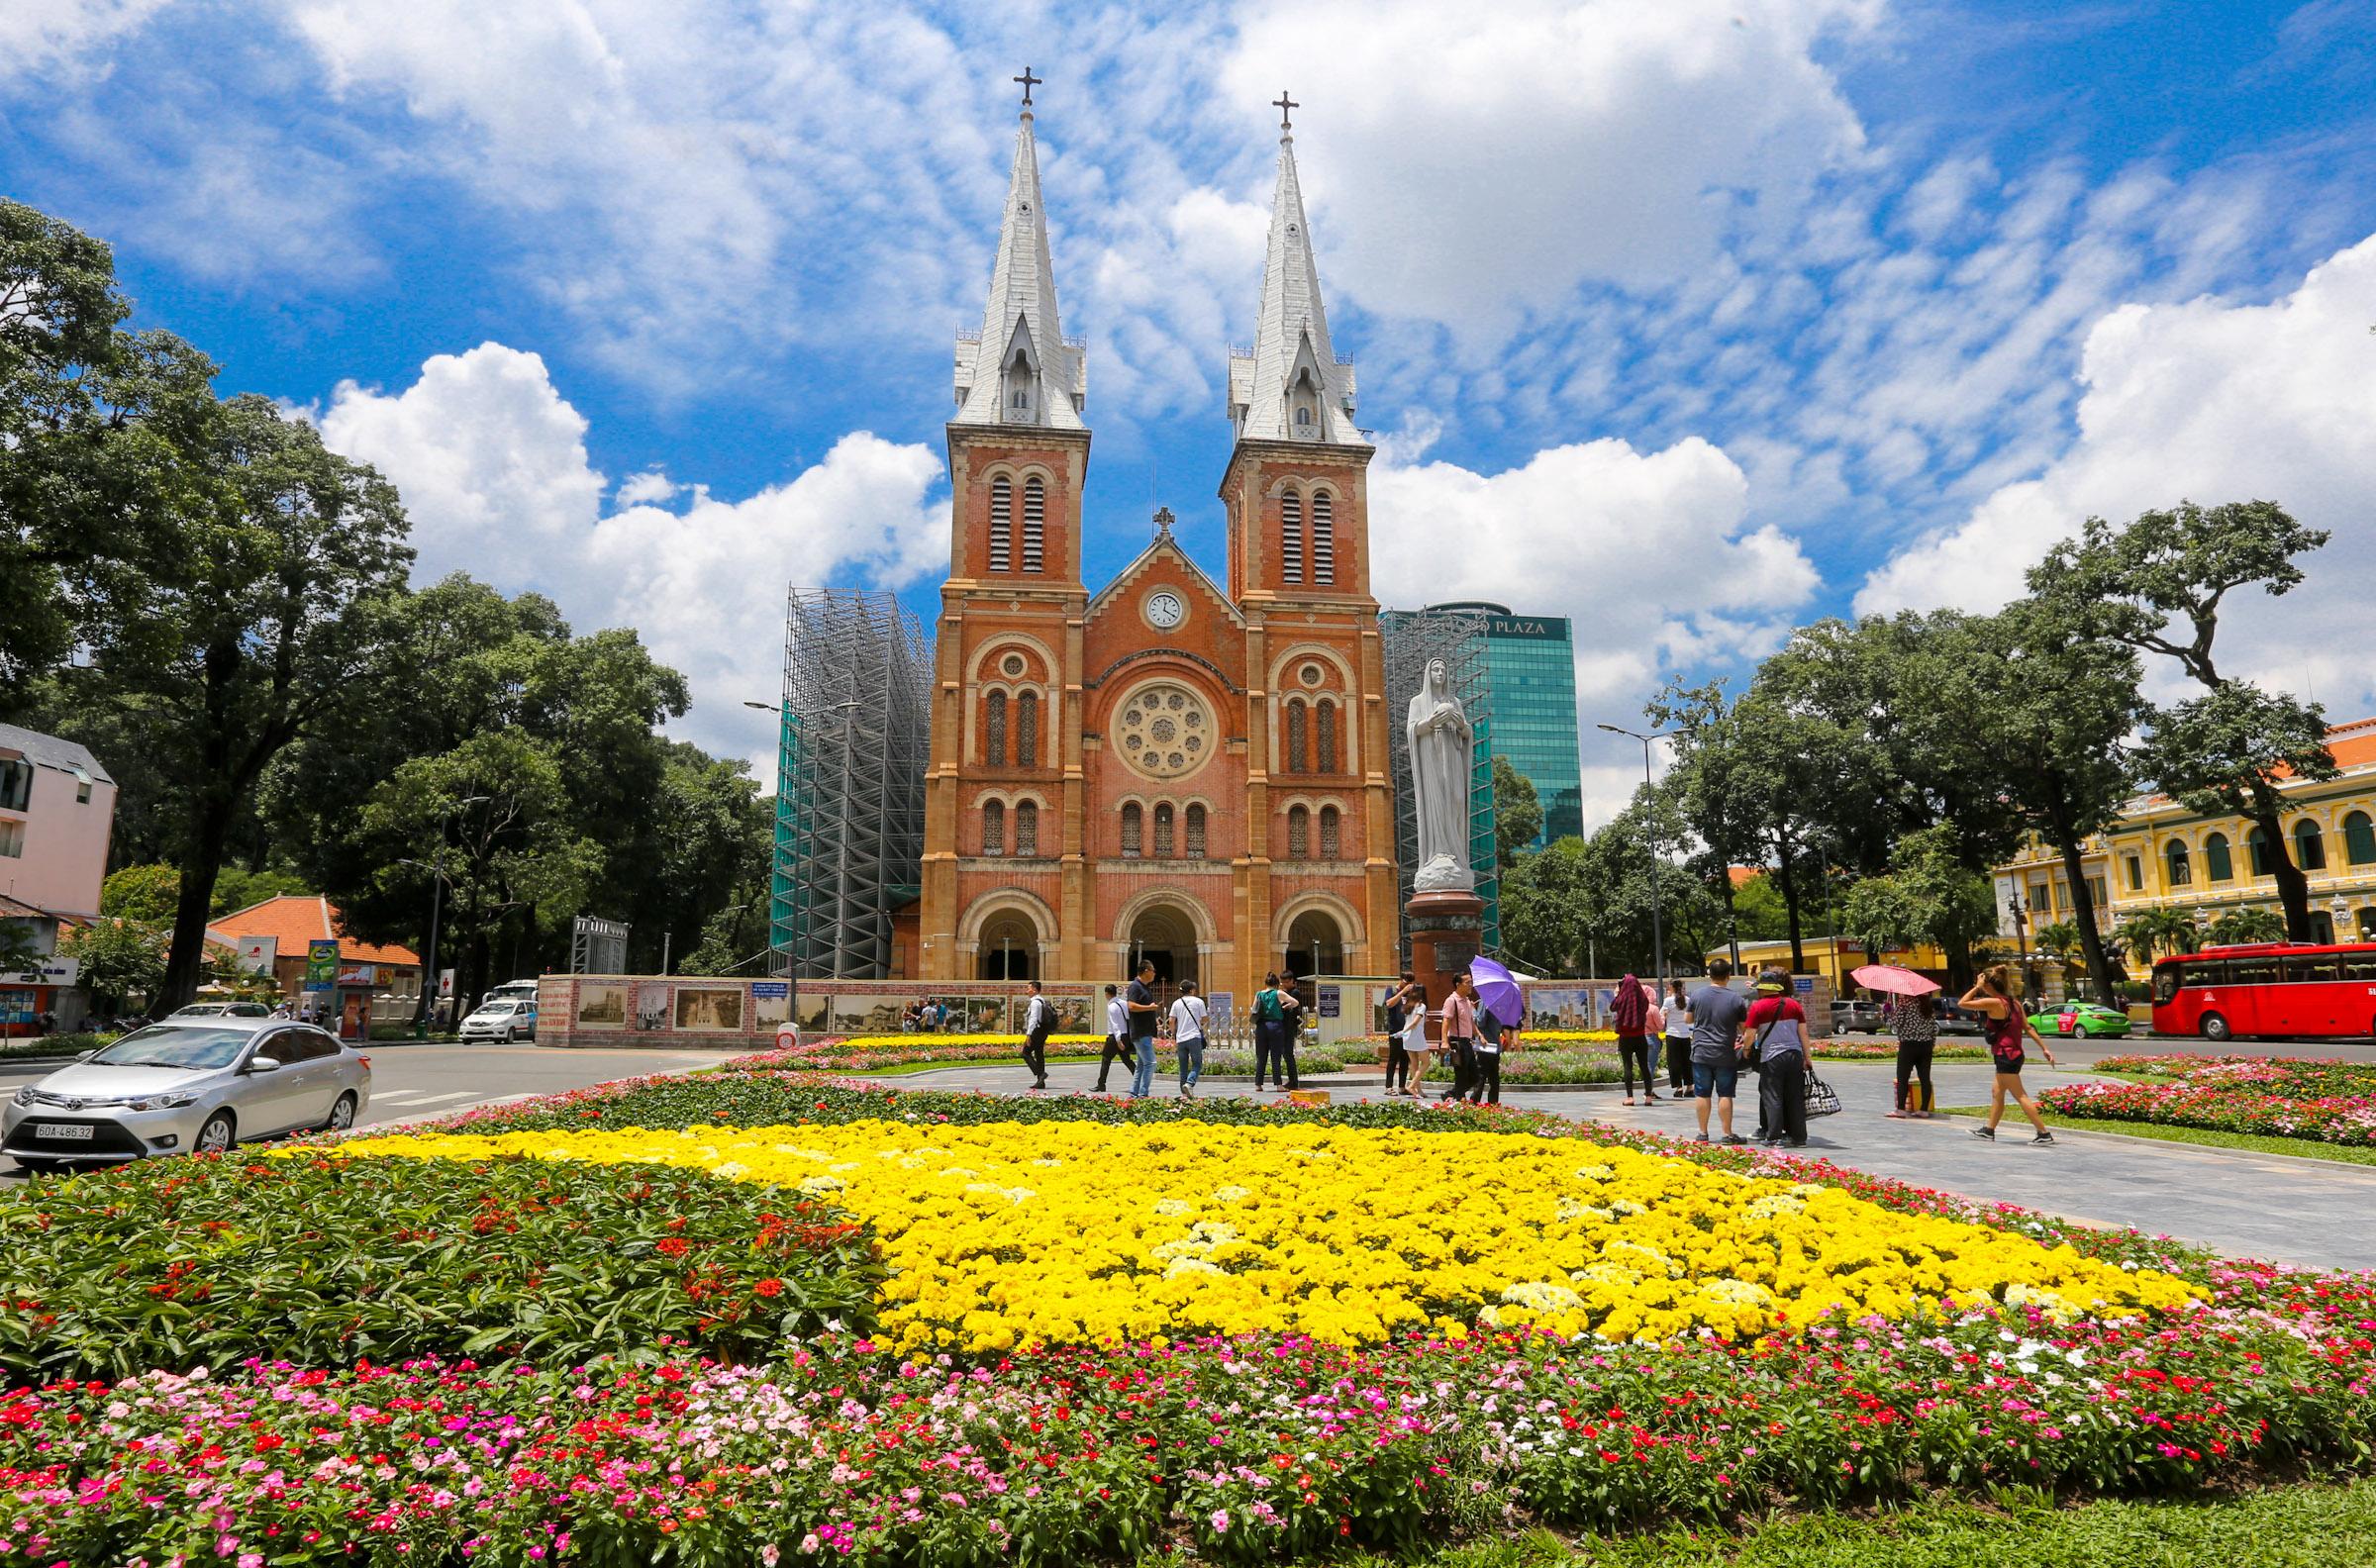 Du khách thích thú vườn hoa trước nhà thờ Đức Bà ở Sài Gòn - VnExpress